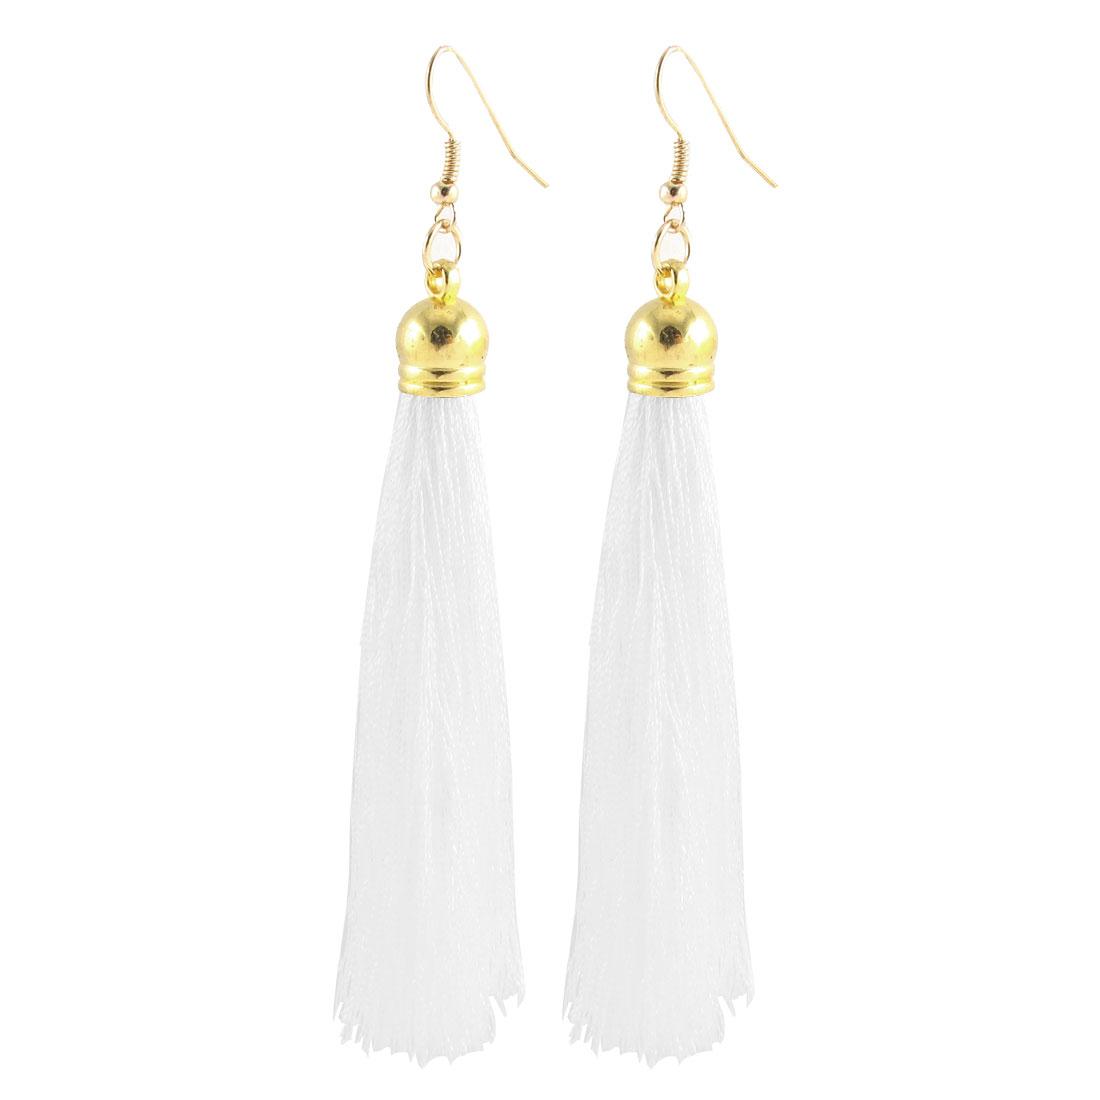 Woman Boho Style Tassel Pendant Dangling Fish Hook Earrings Eardrop Pair White